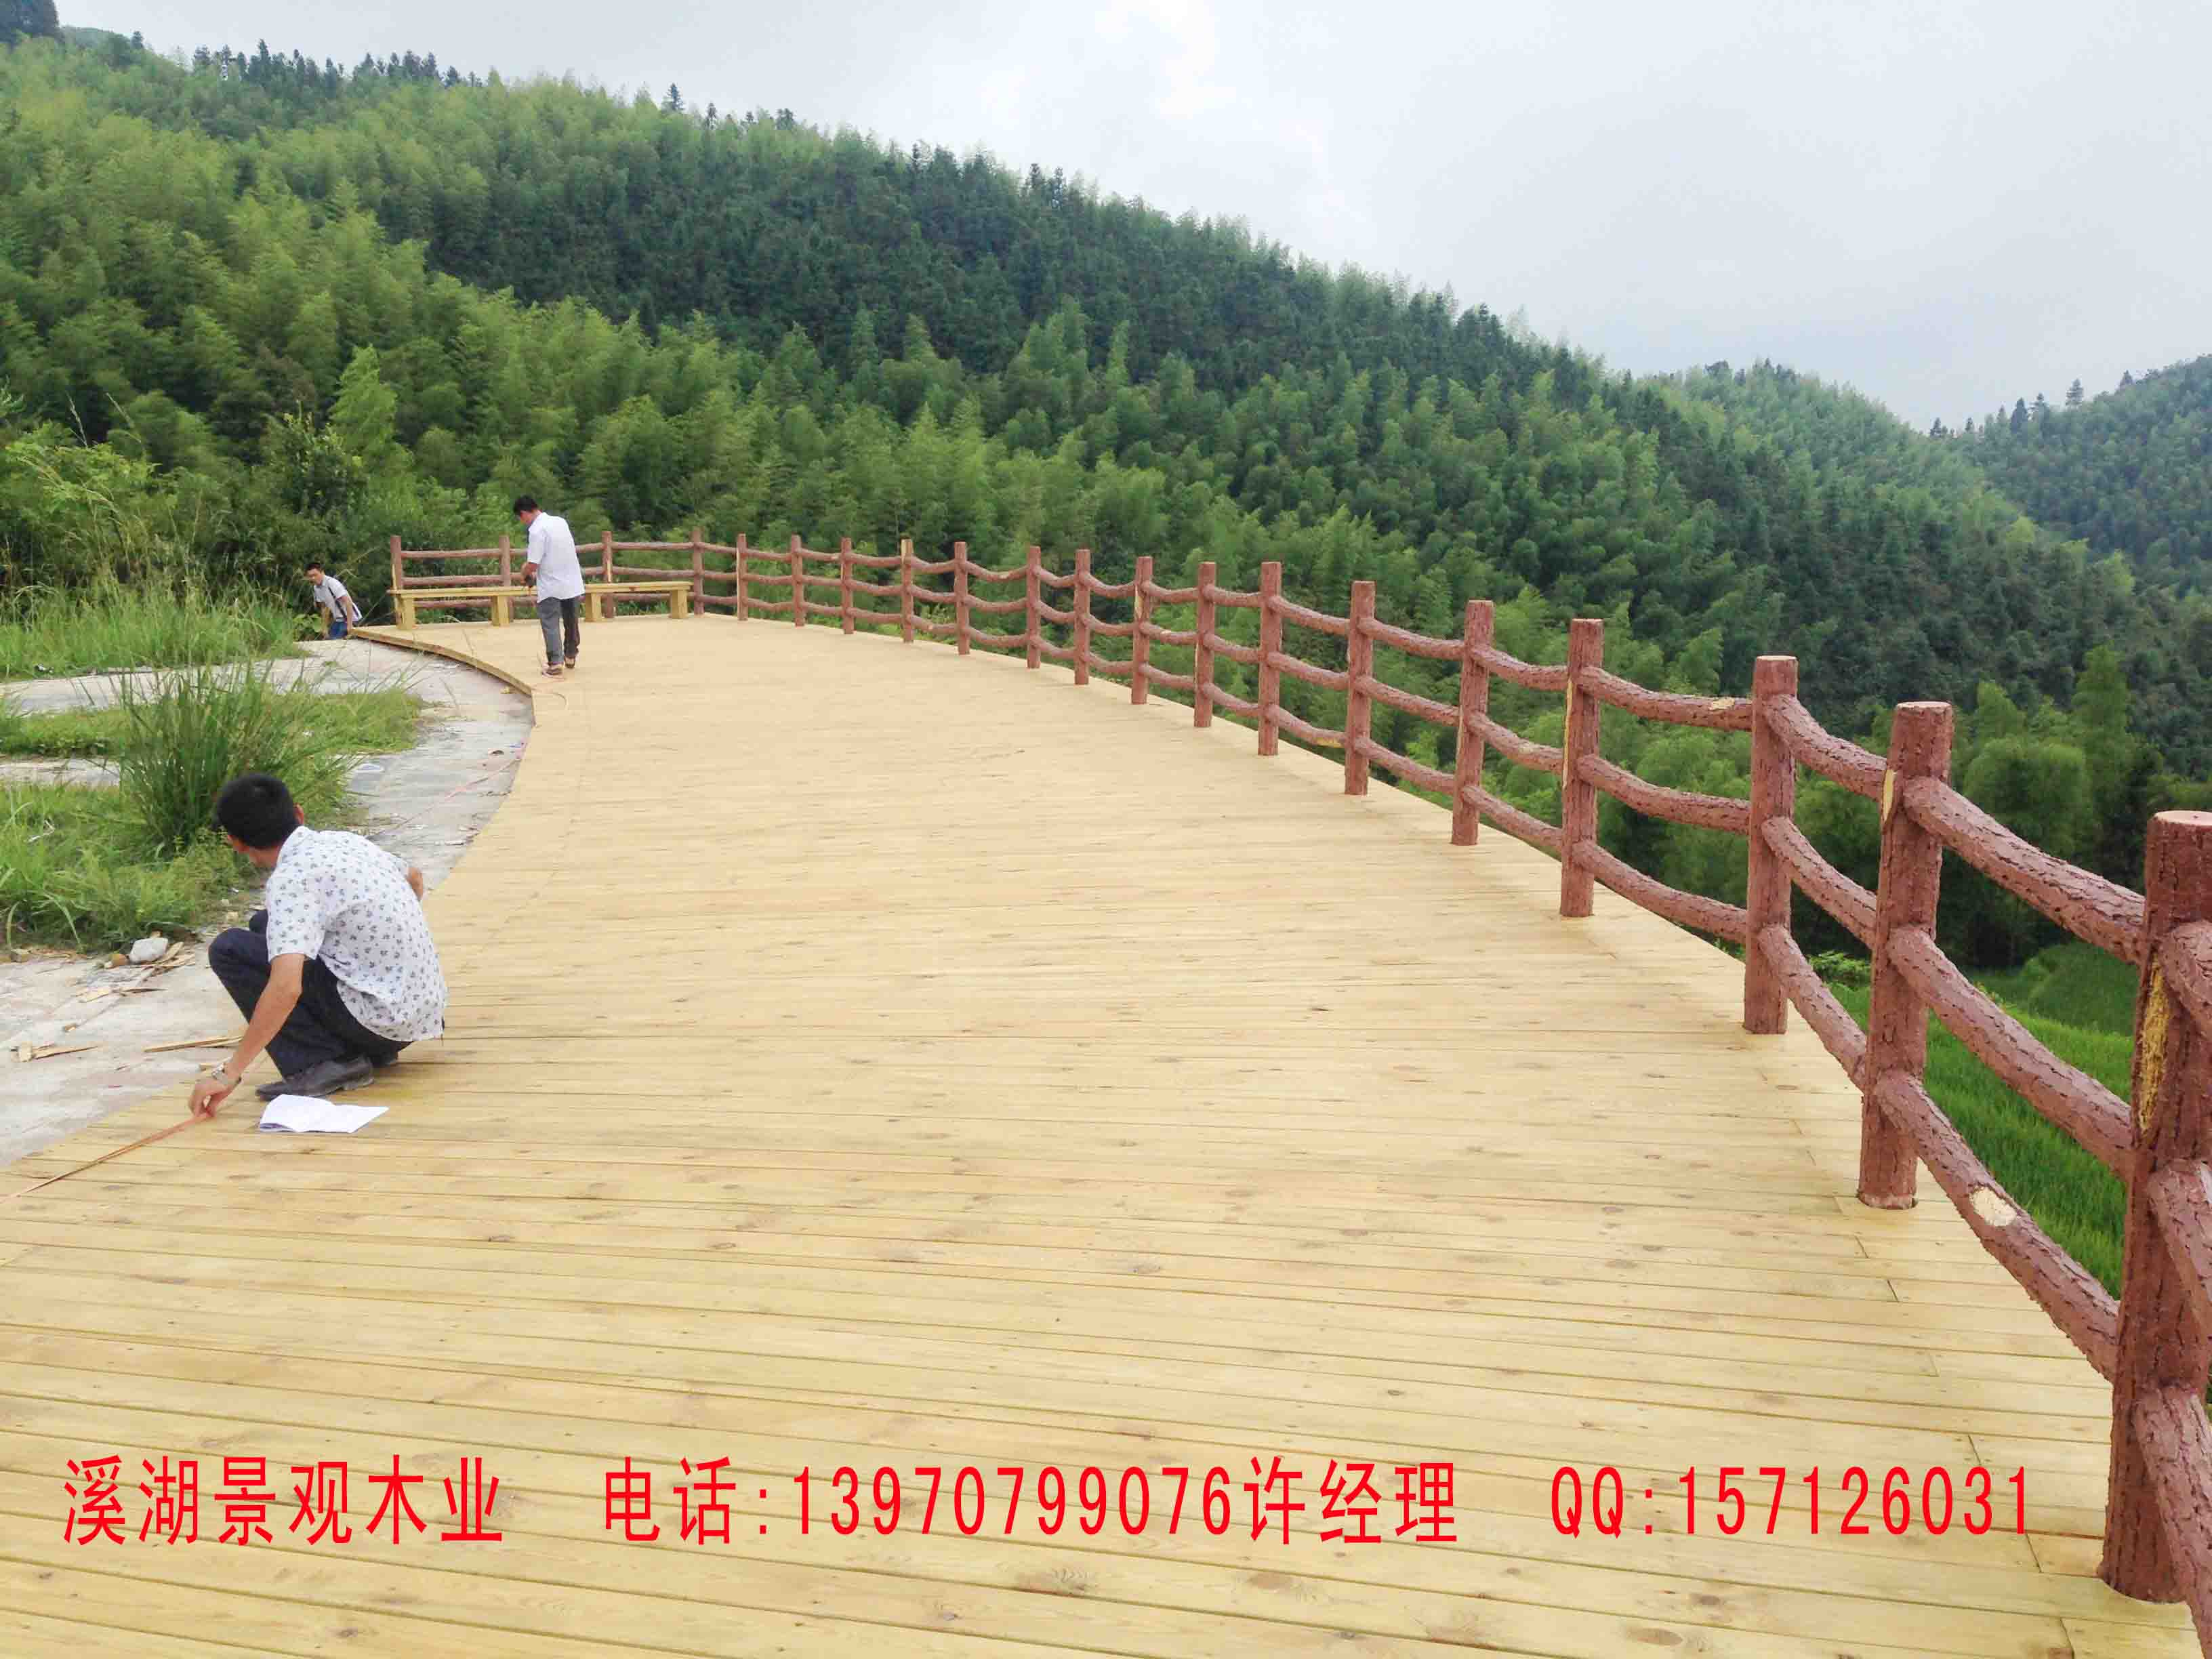 防腐木施工工艺 防腐木作为户外用的防腐木